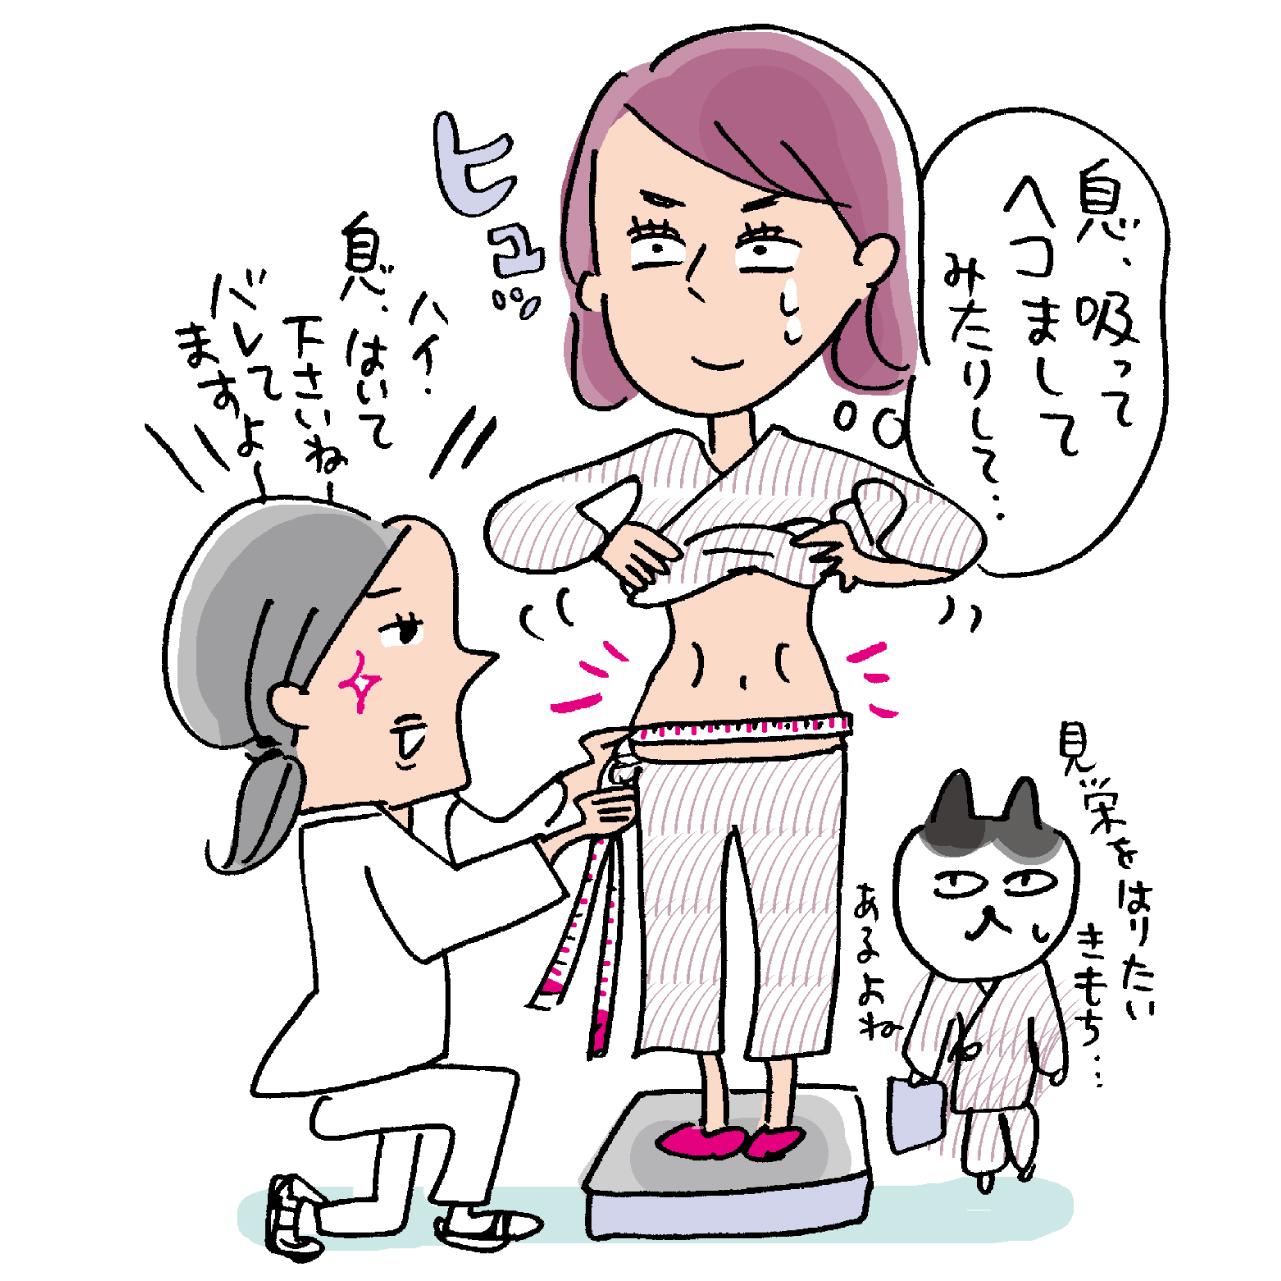 腹囲検査イラスト